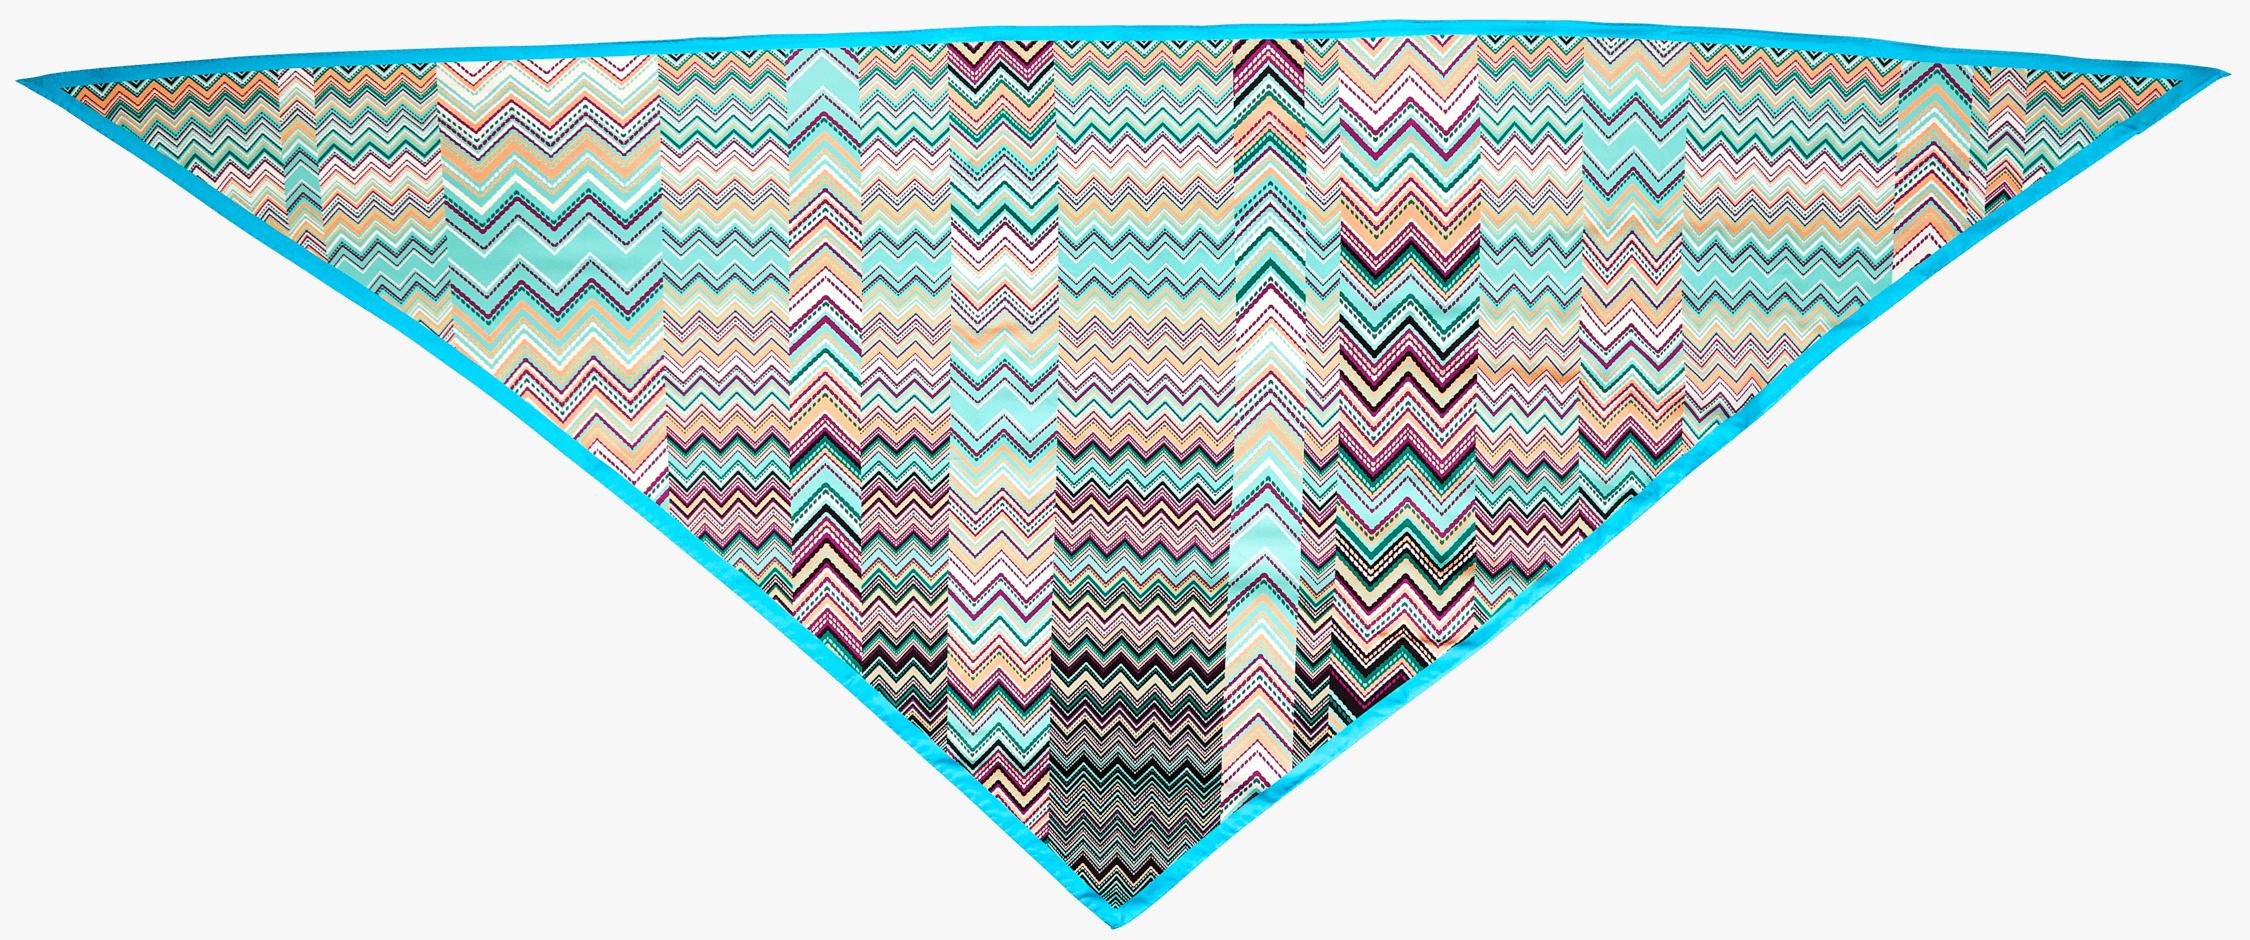 Zig Zag Triangular Scarf